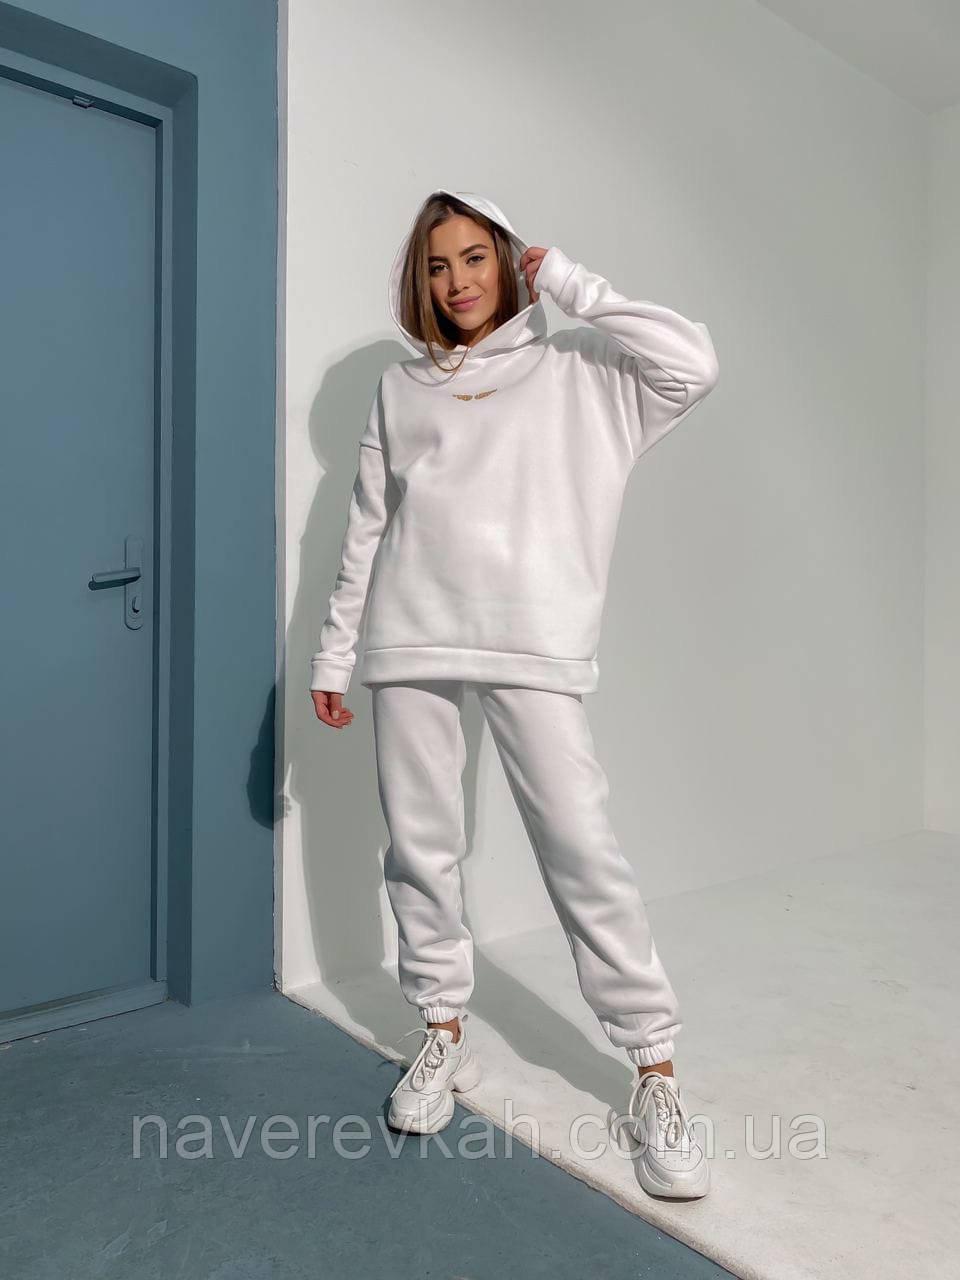 Теплый спортивный костюм на флисе зимний осенний фисташковый белый пудровый женский трехнитка 42-44 46-48